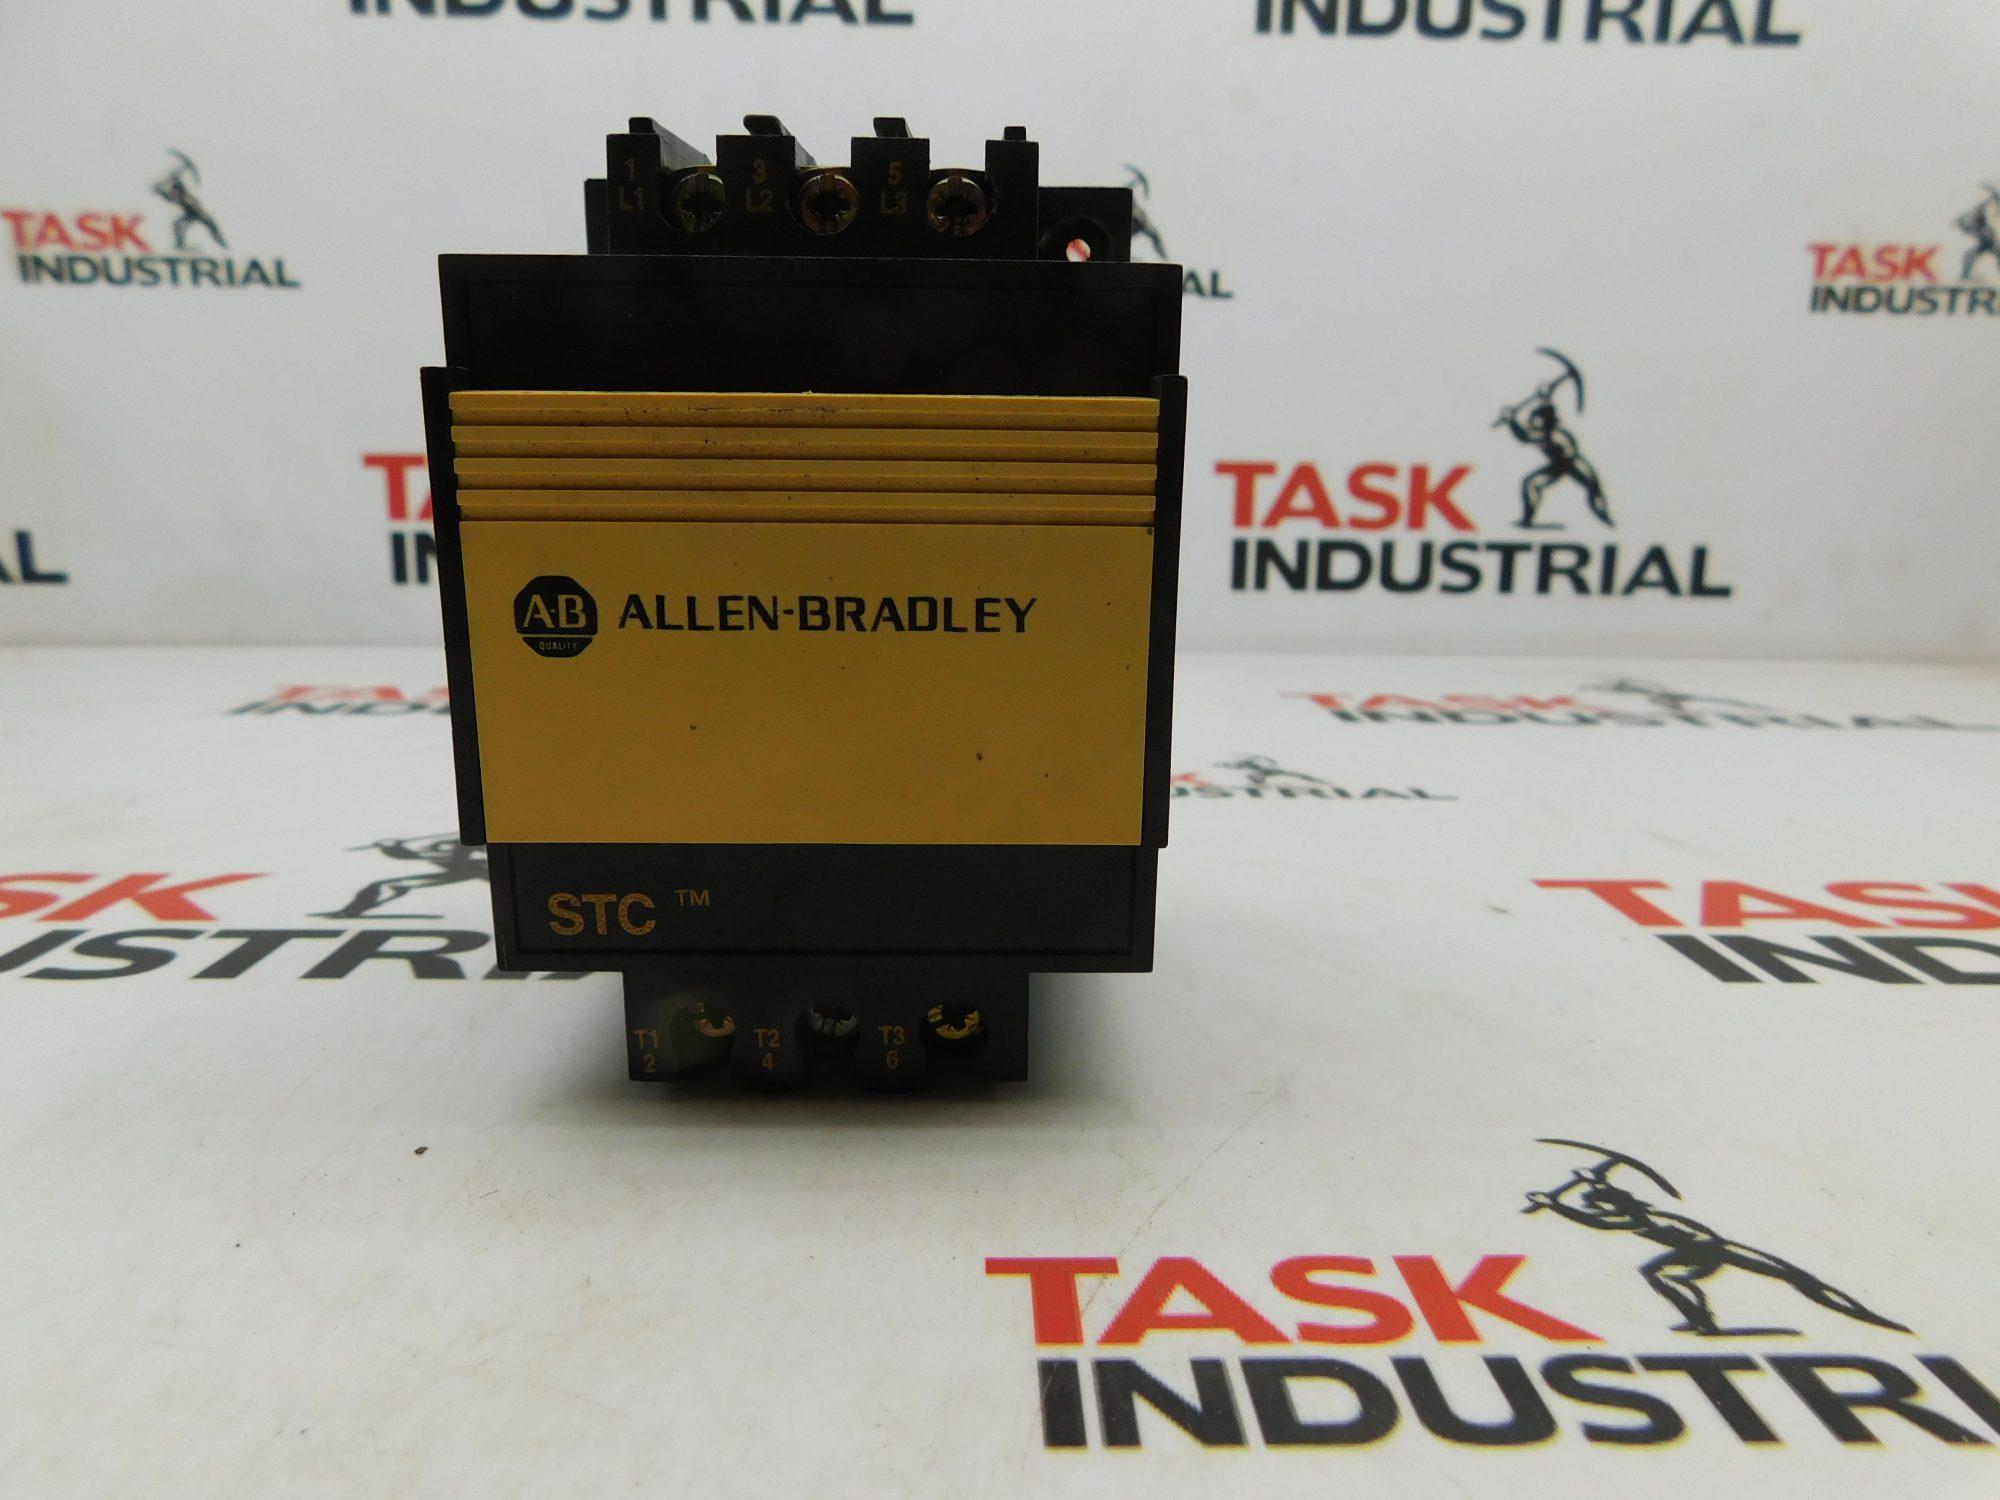 Allen-Bradley CAT No. 154-A11NB Series A 50/60 Hz 400VAC Motor Controller